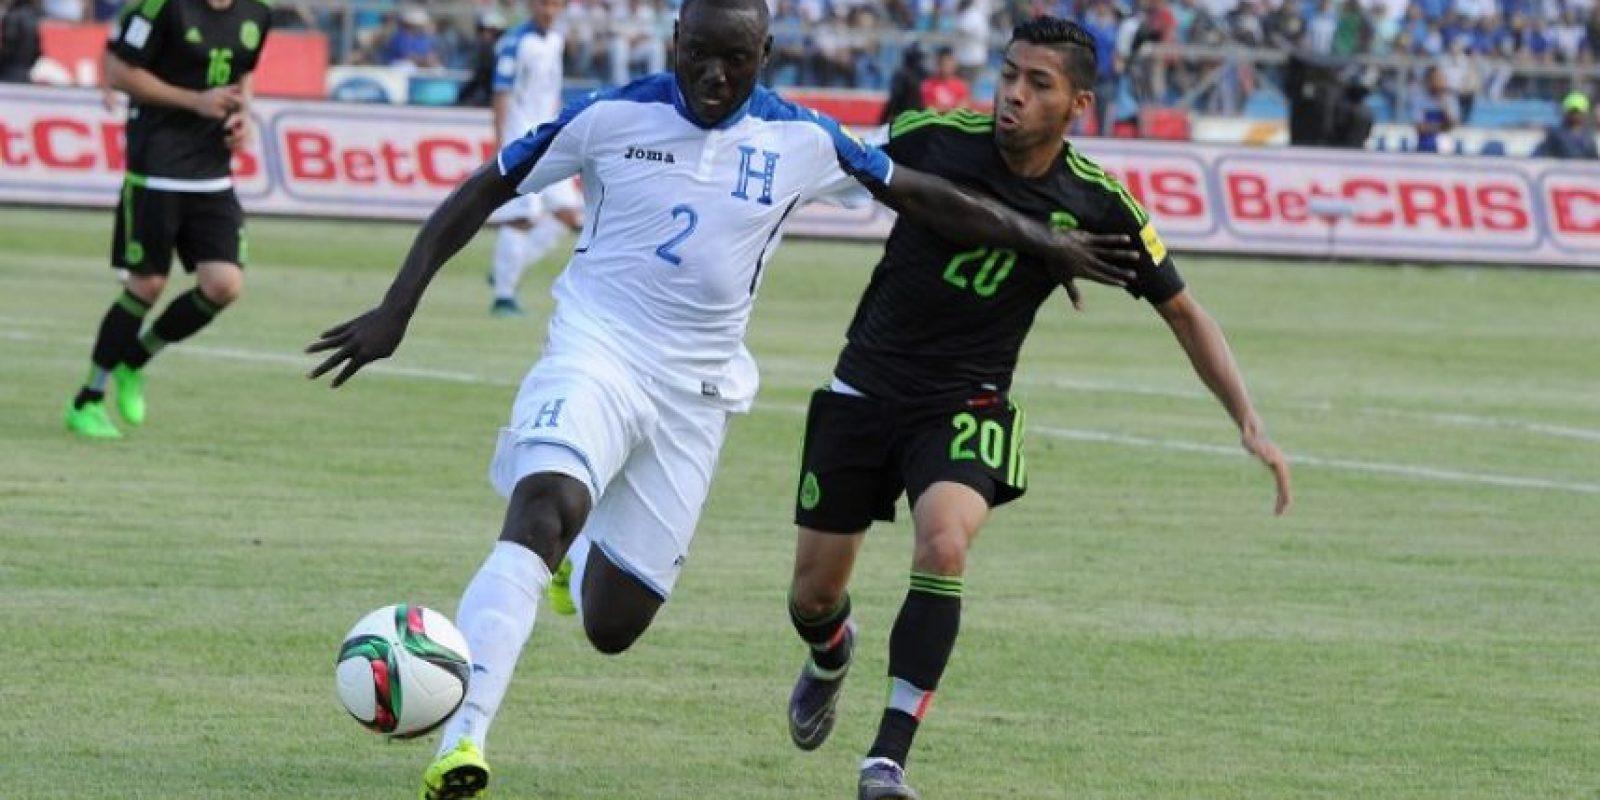 Luis Garrido sufrió una lesión que podría terminar con su carrera. Foto:AFP